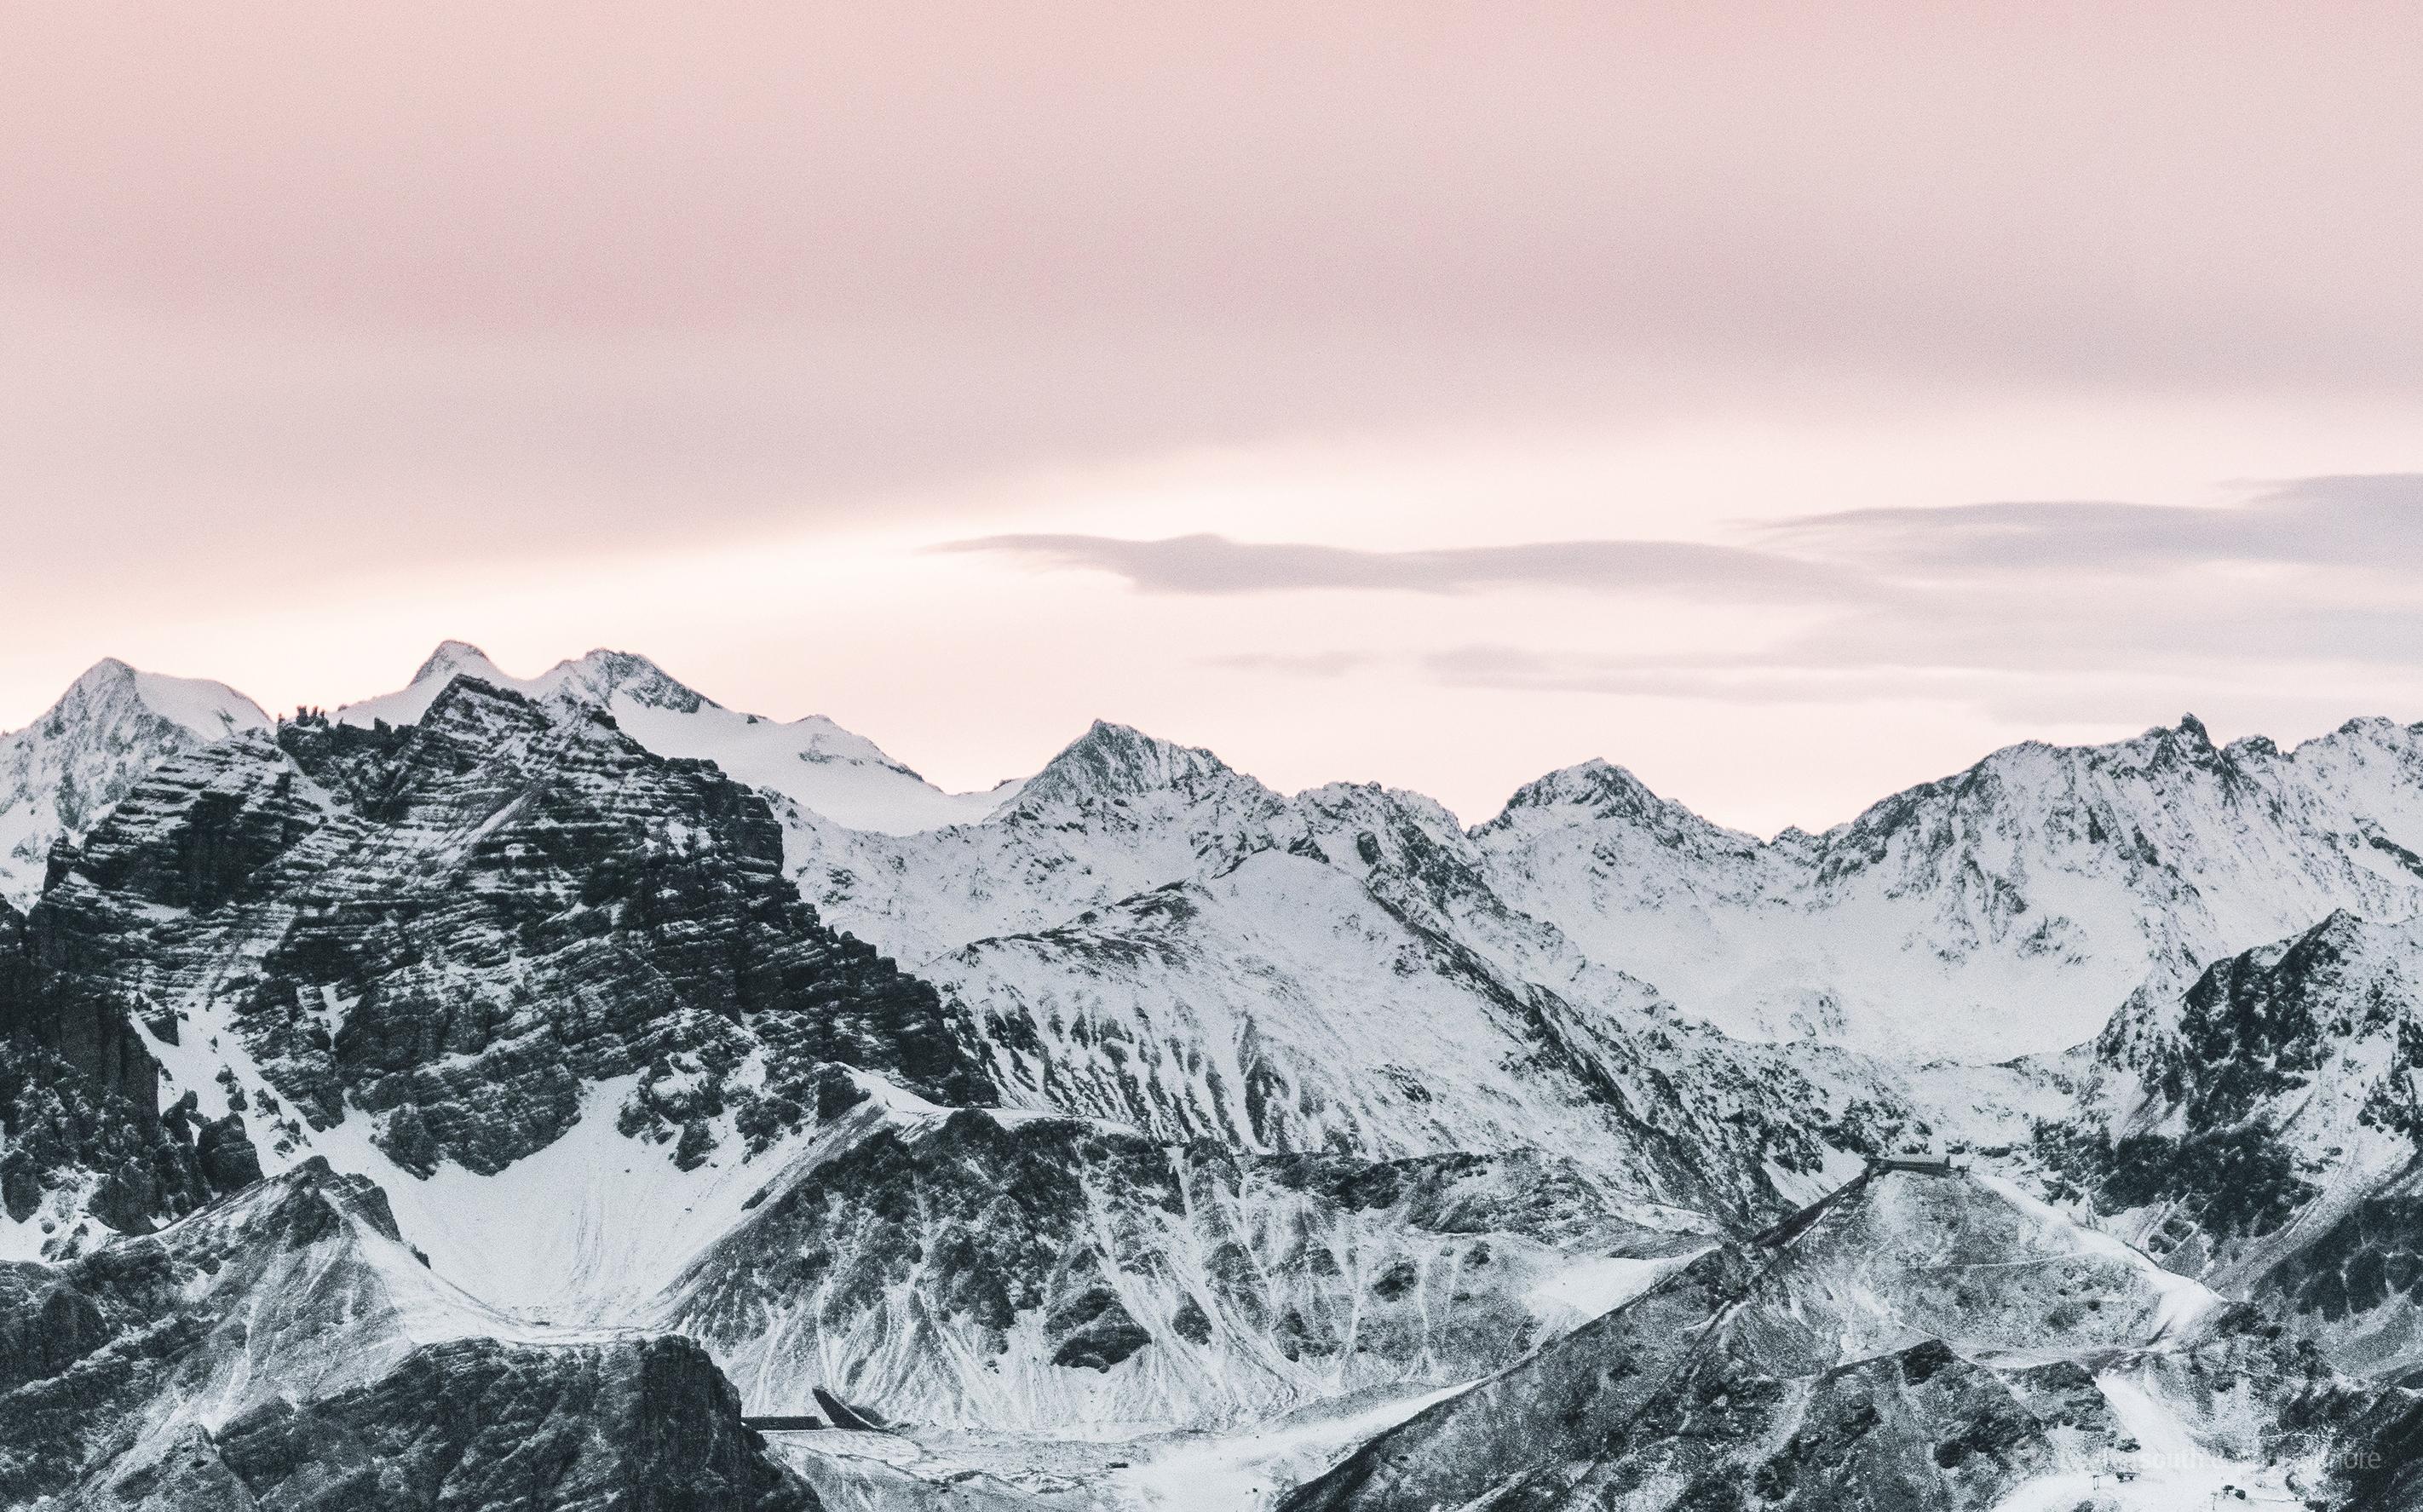 Dual Screen Wallpaper: An Innsbruck